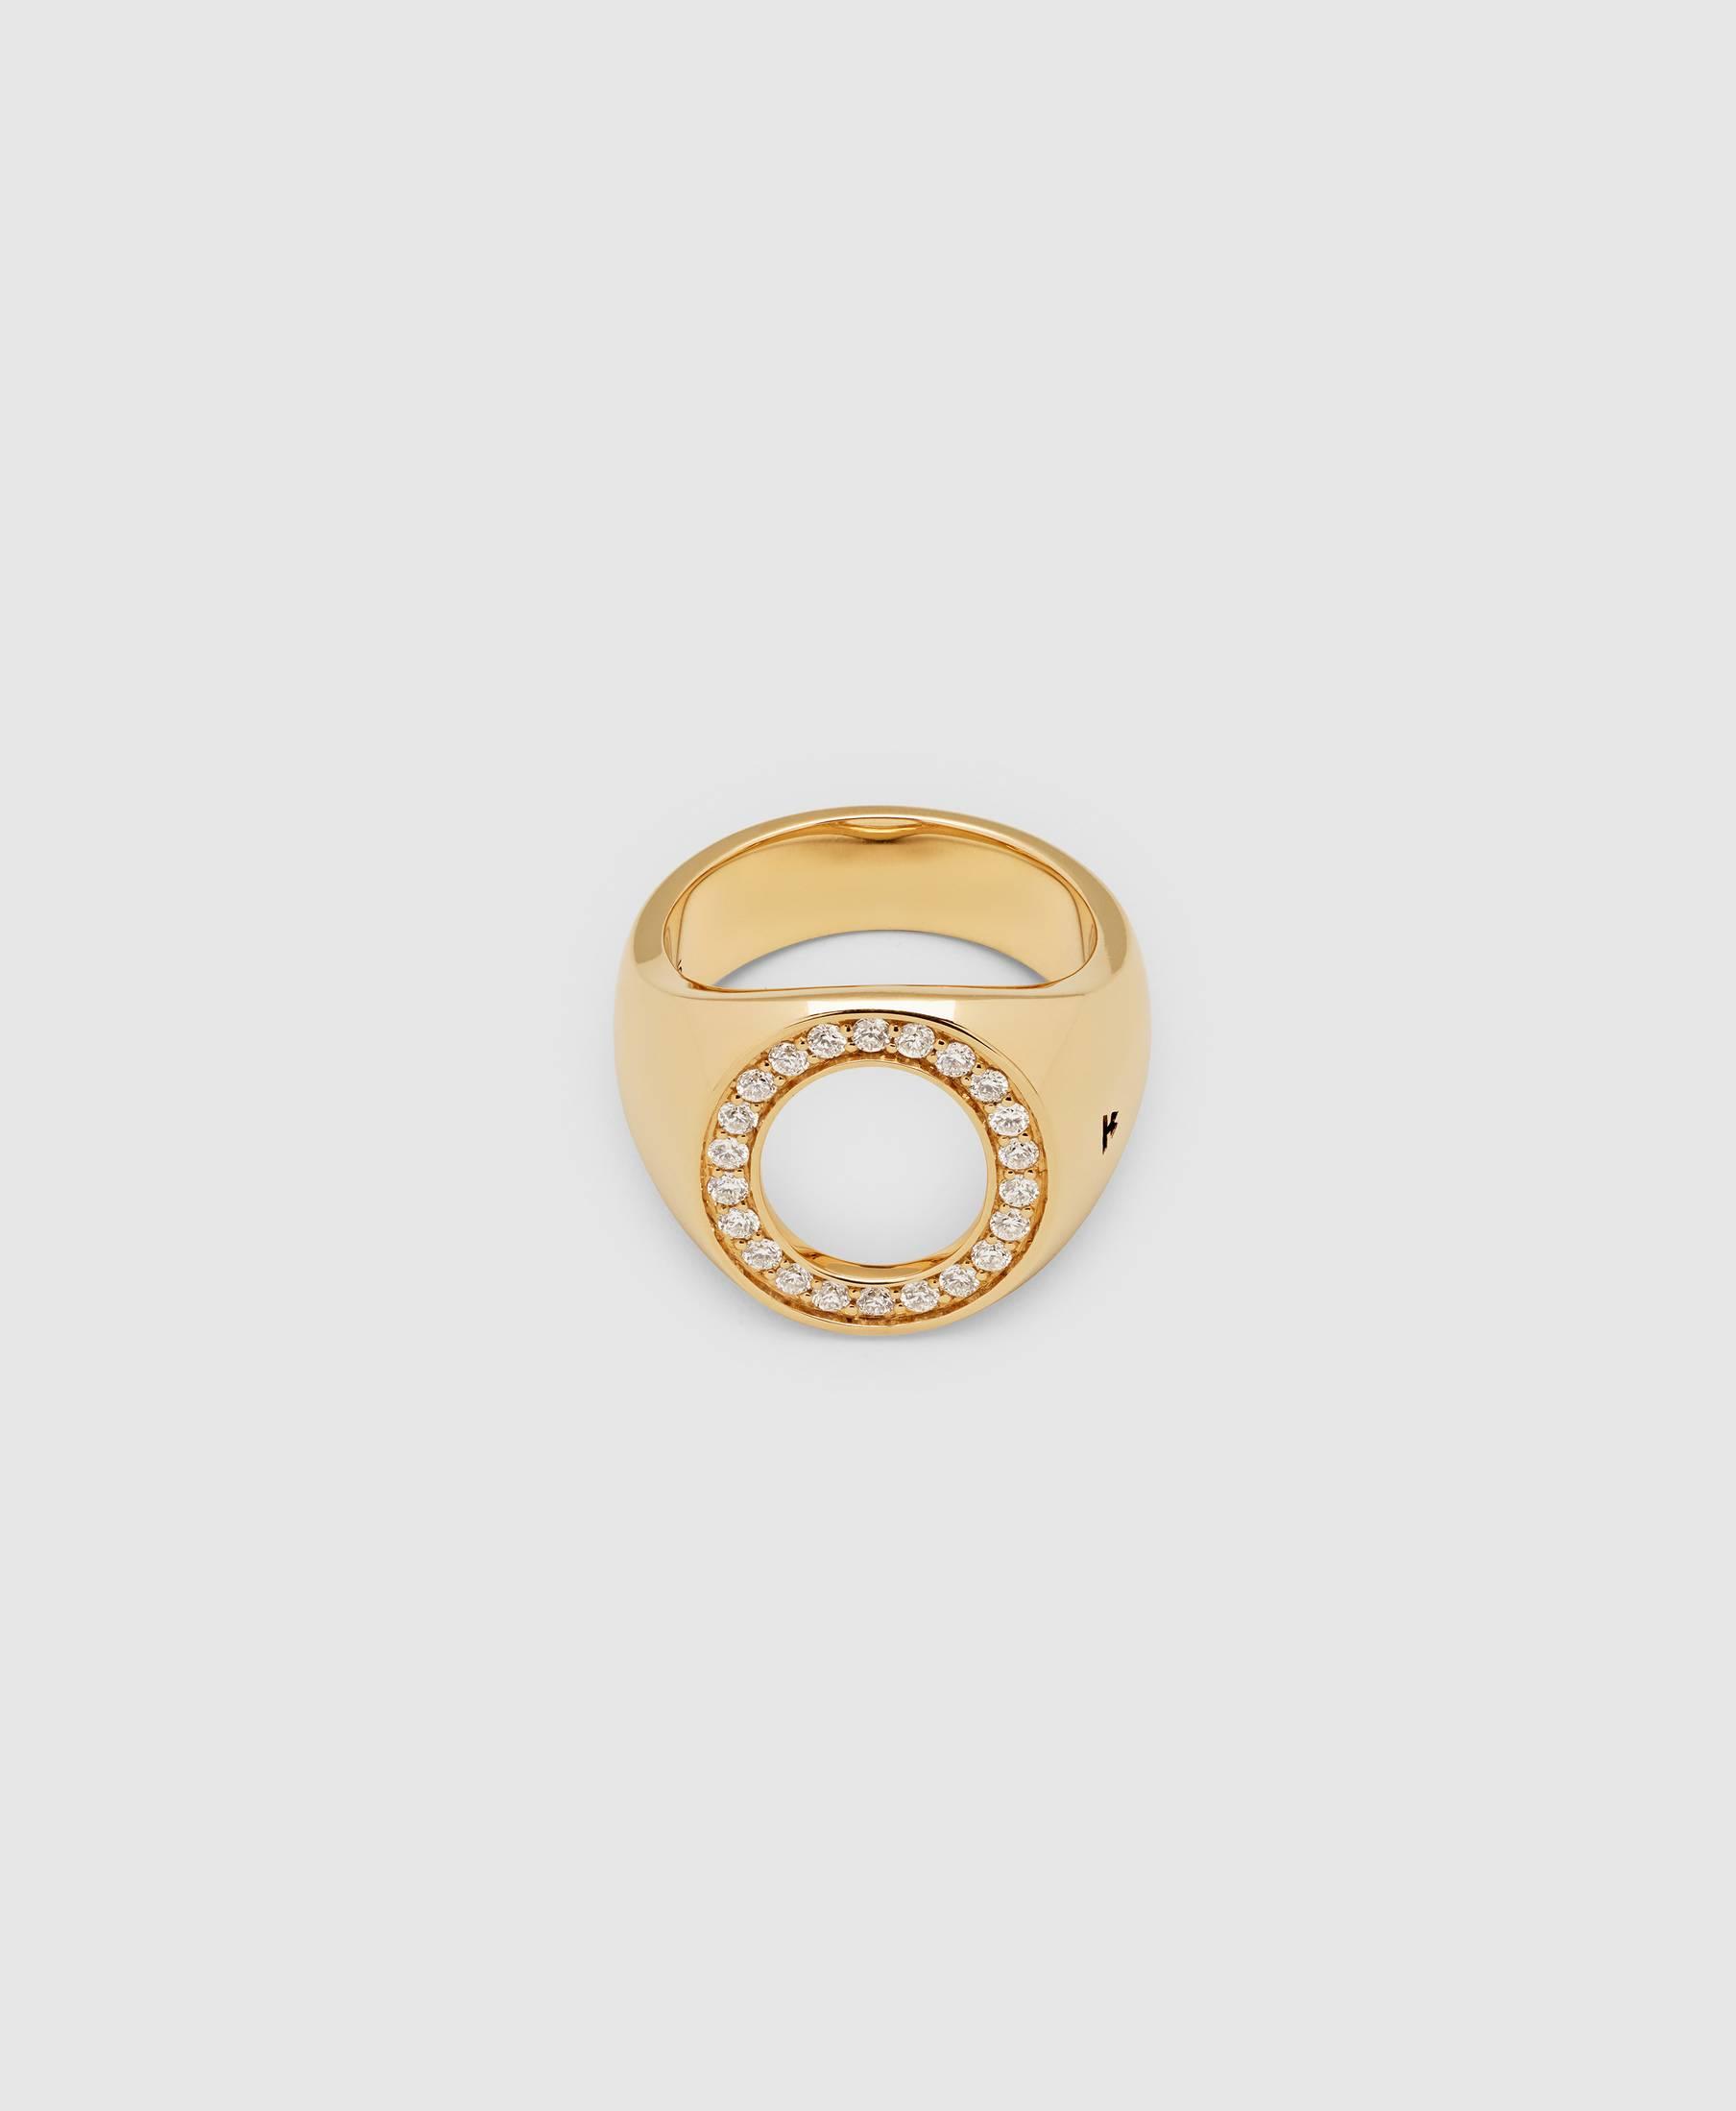 Oval Open Diamond